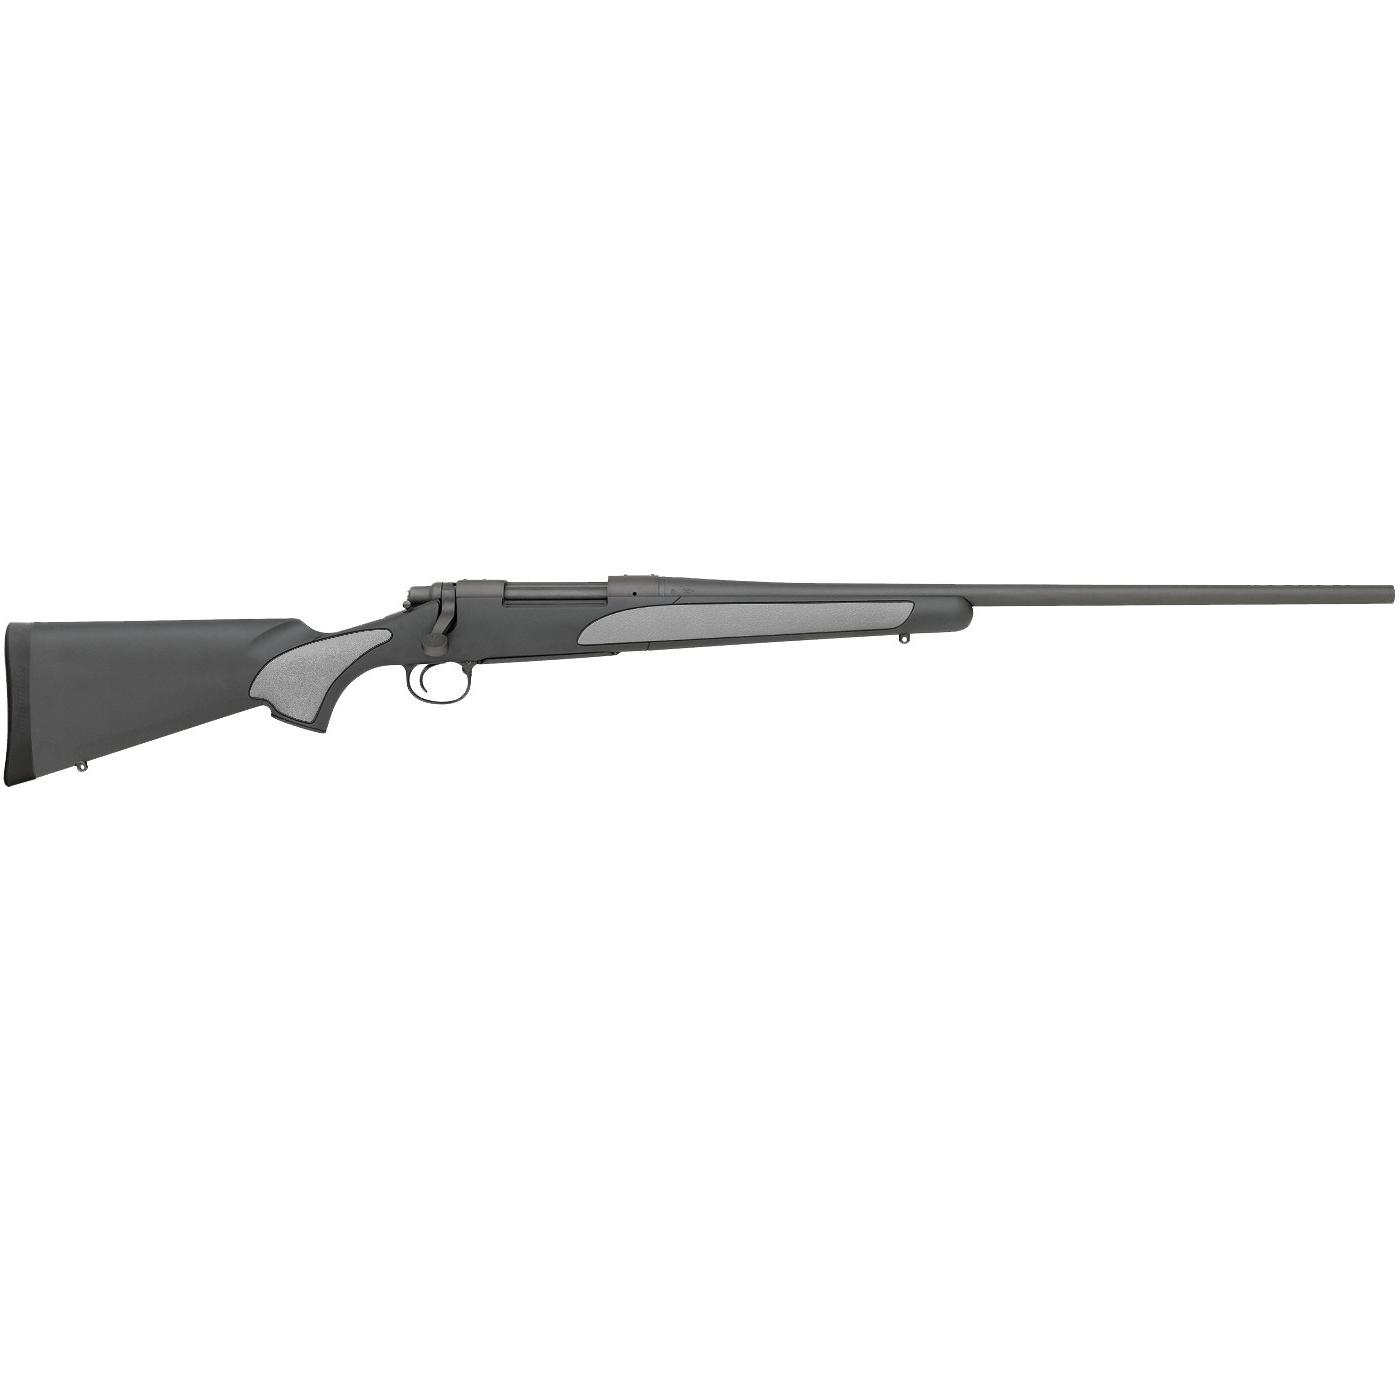 Remington 700 SPS Centerfire Rifle, .260 Rem.